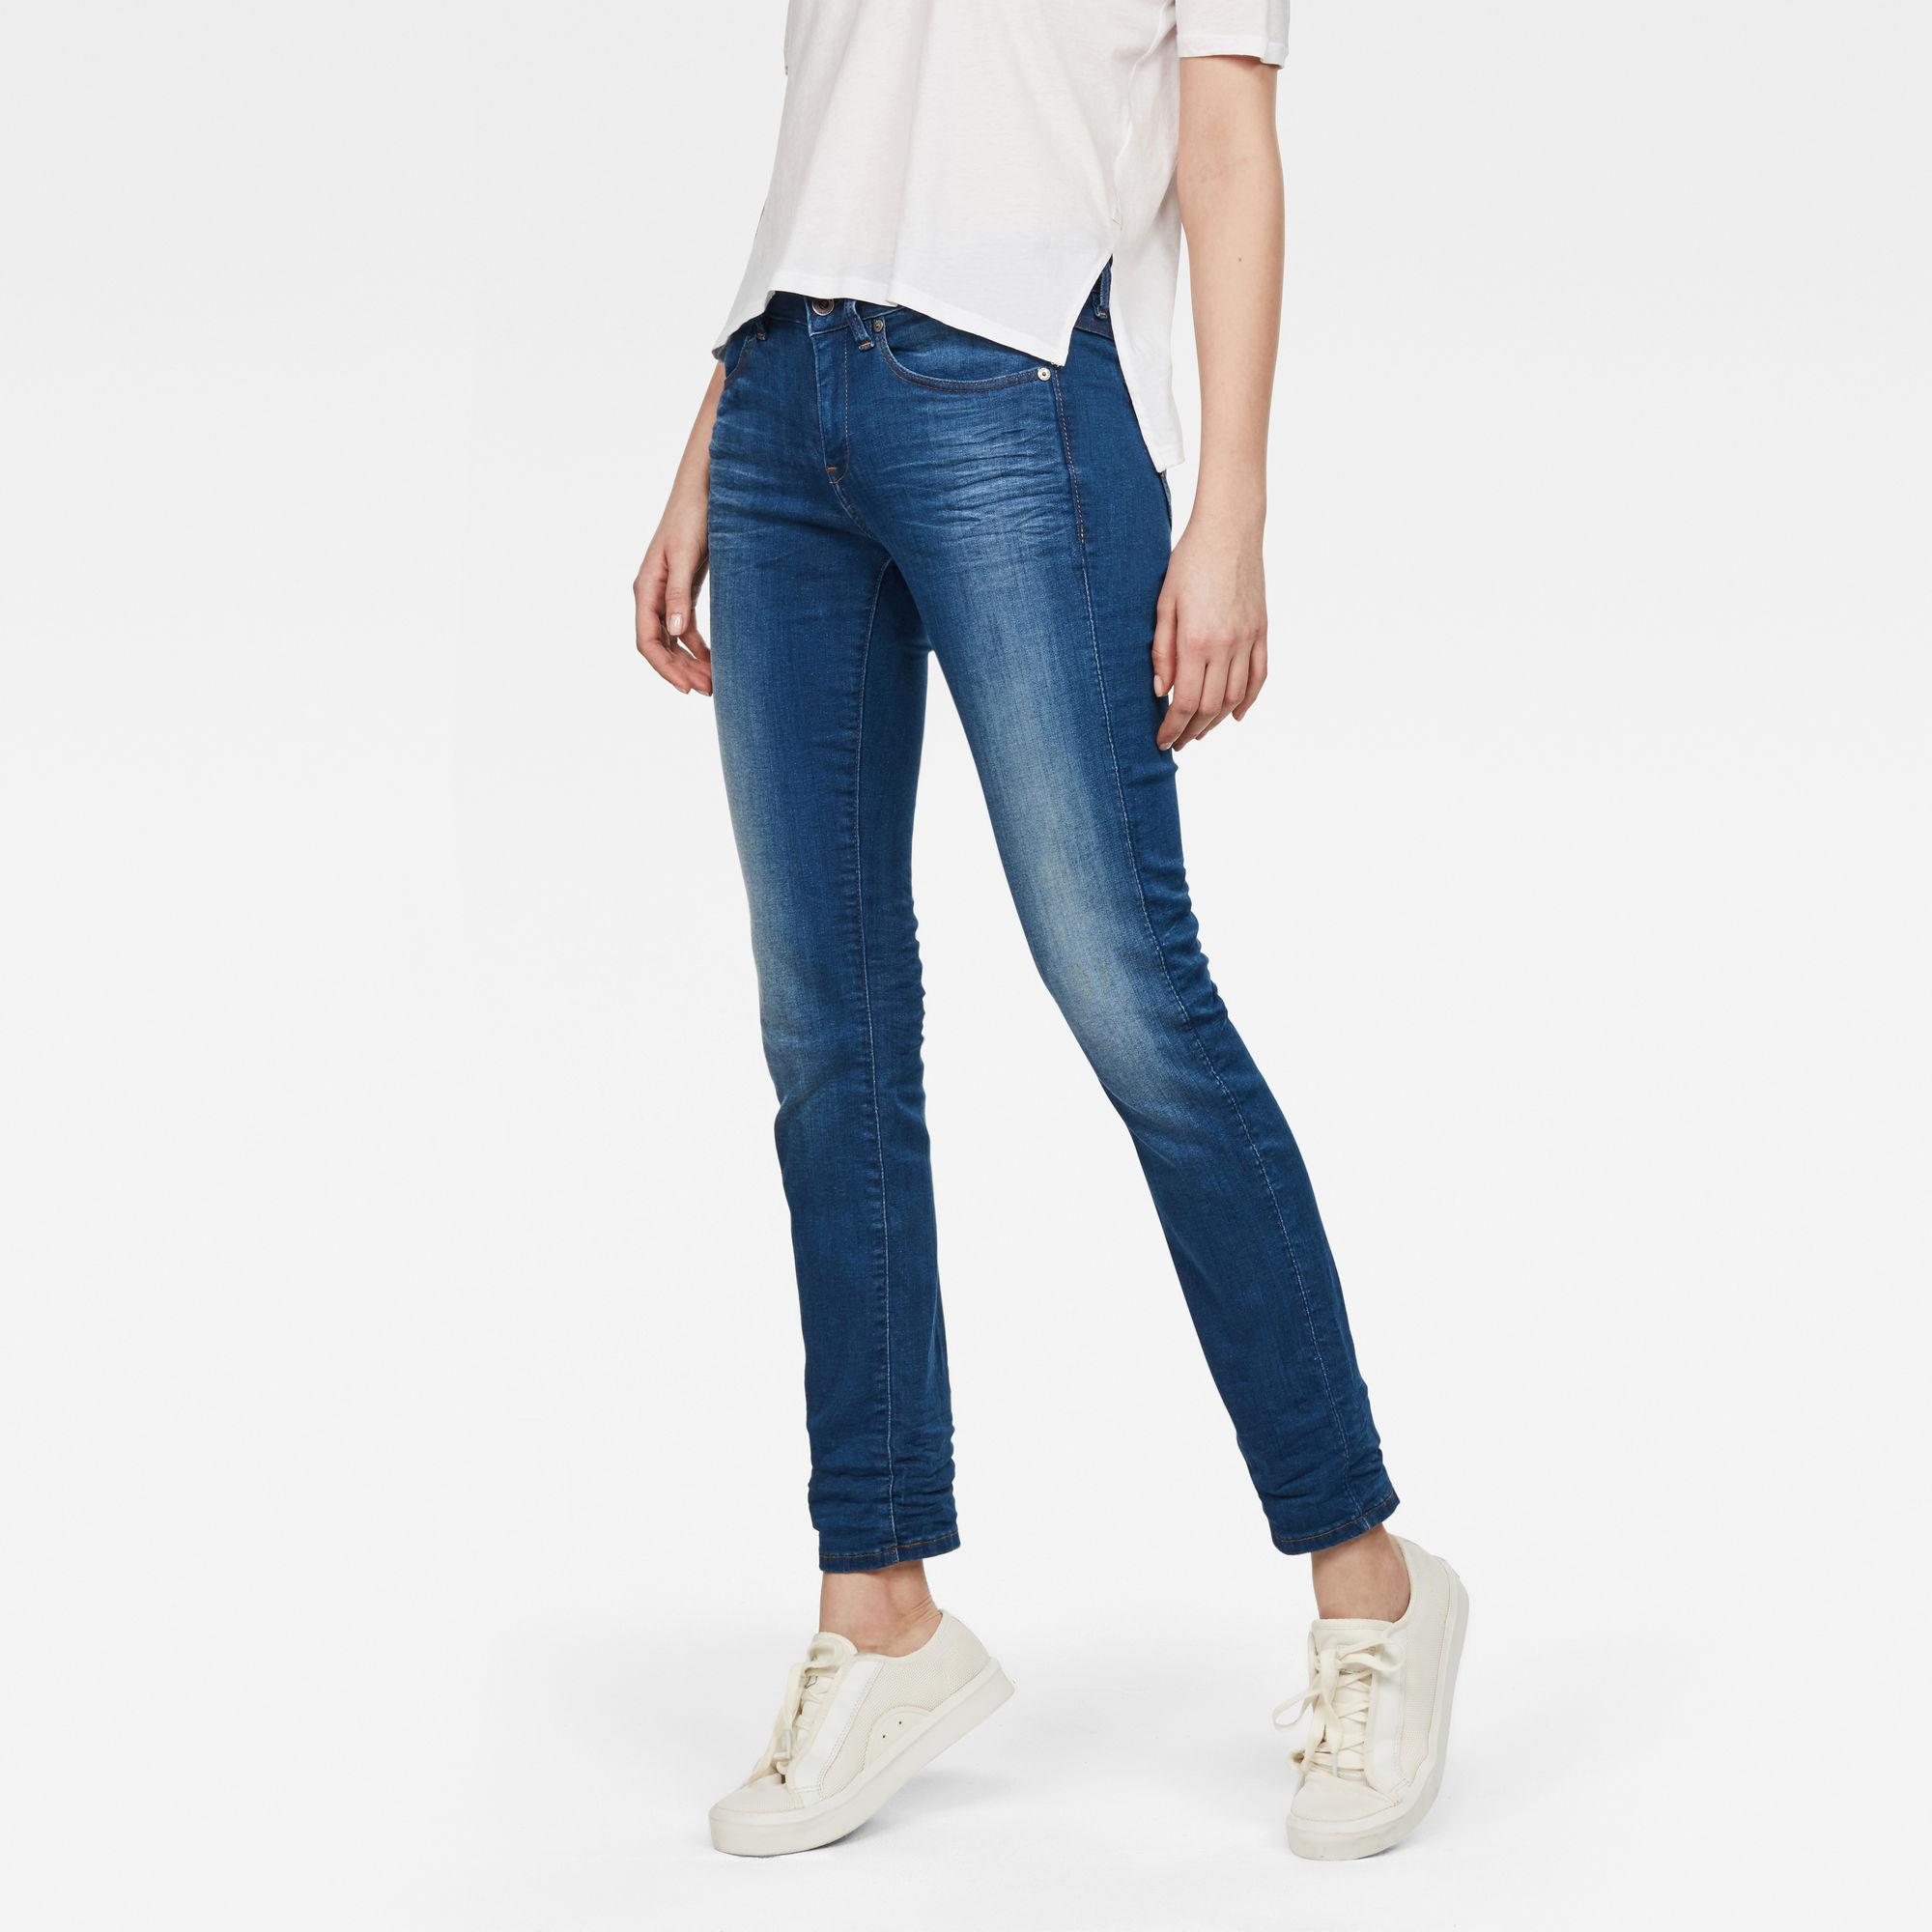 Midge Mid waist Straight Jeans Jeans maat 26-32 van G-Star RAW snel en voordelig in huis? Hier lukt het direct